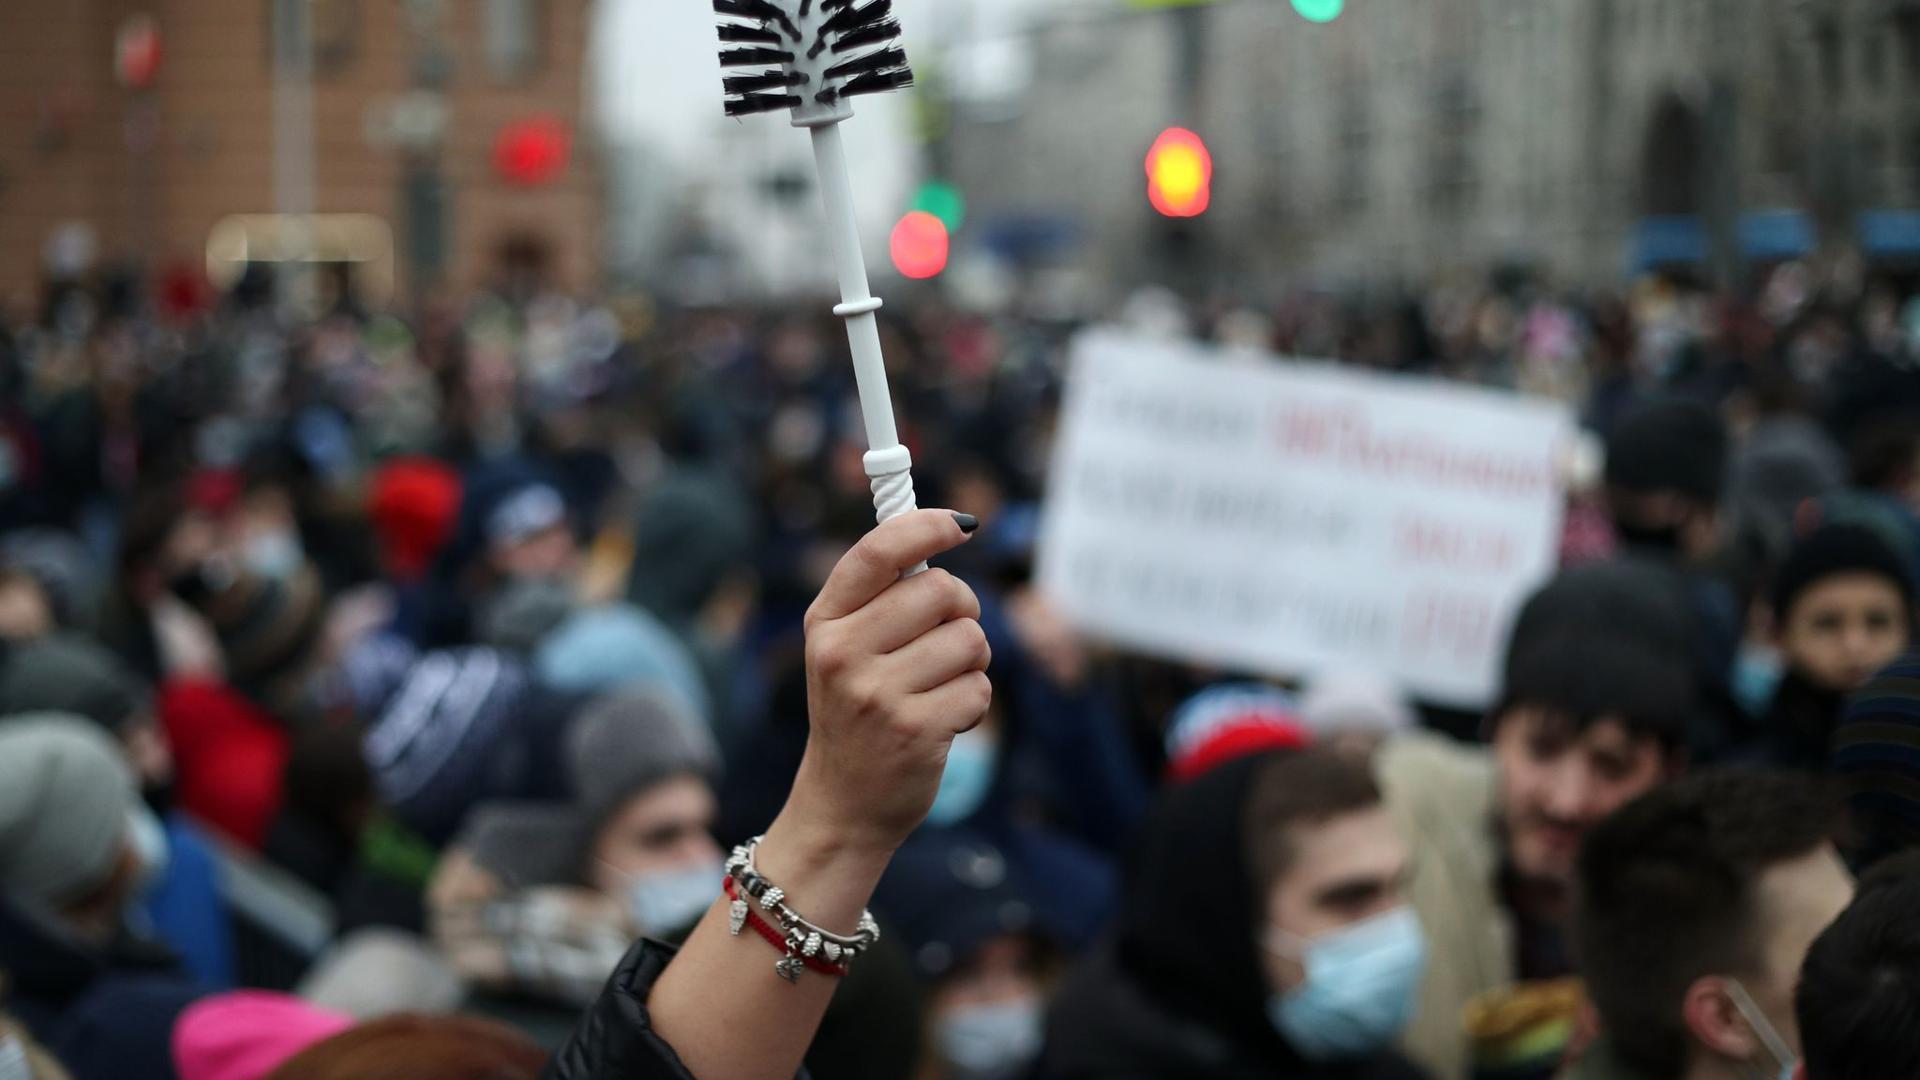 Demonstranten nehmen an einer nicht genehmigten Kundgebung in Moskau zur Unterstützung des russischen Oppositionsführers Alexej Nawalny teil.